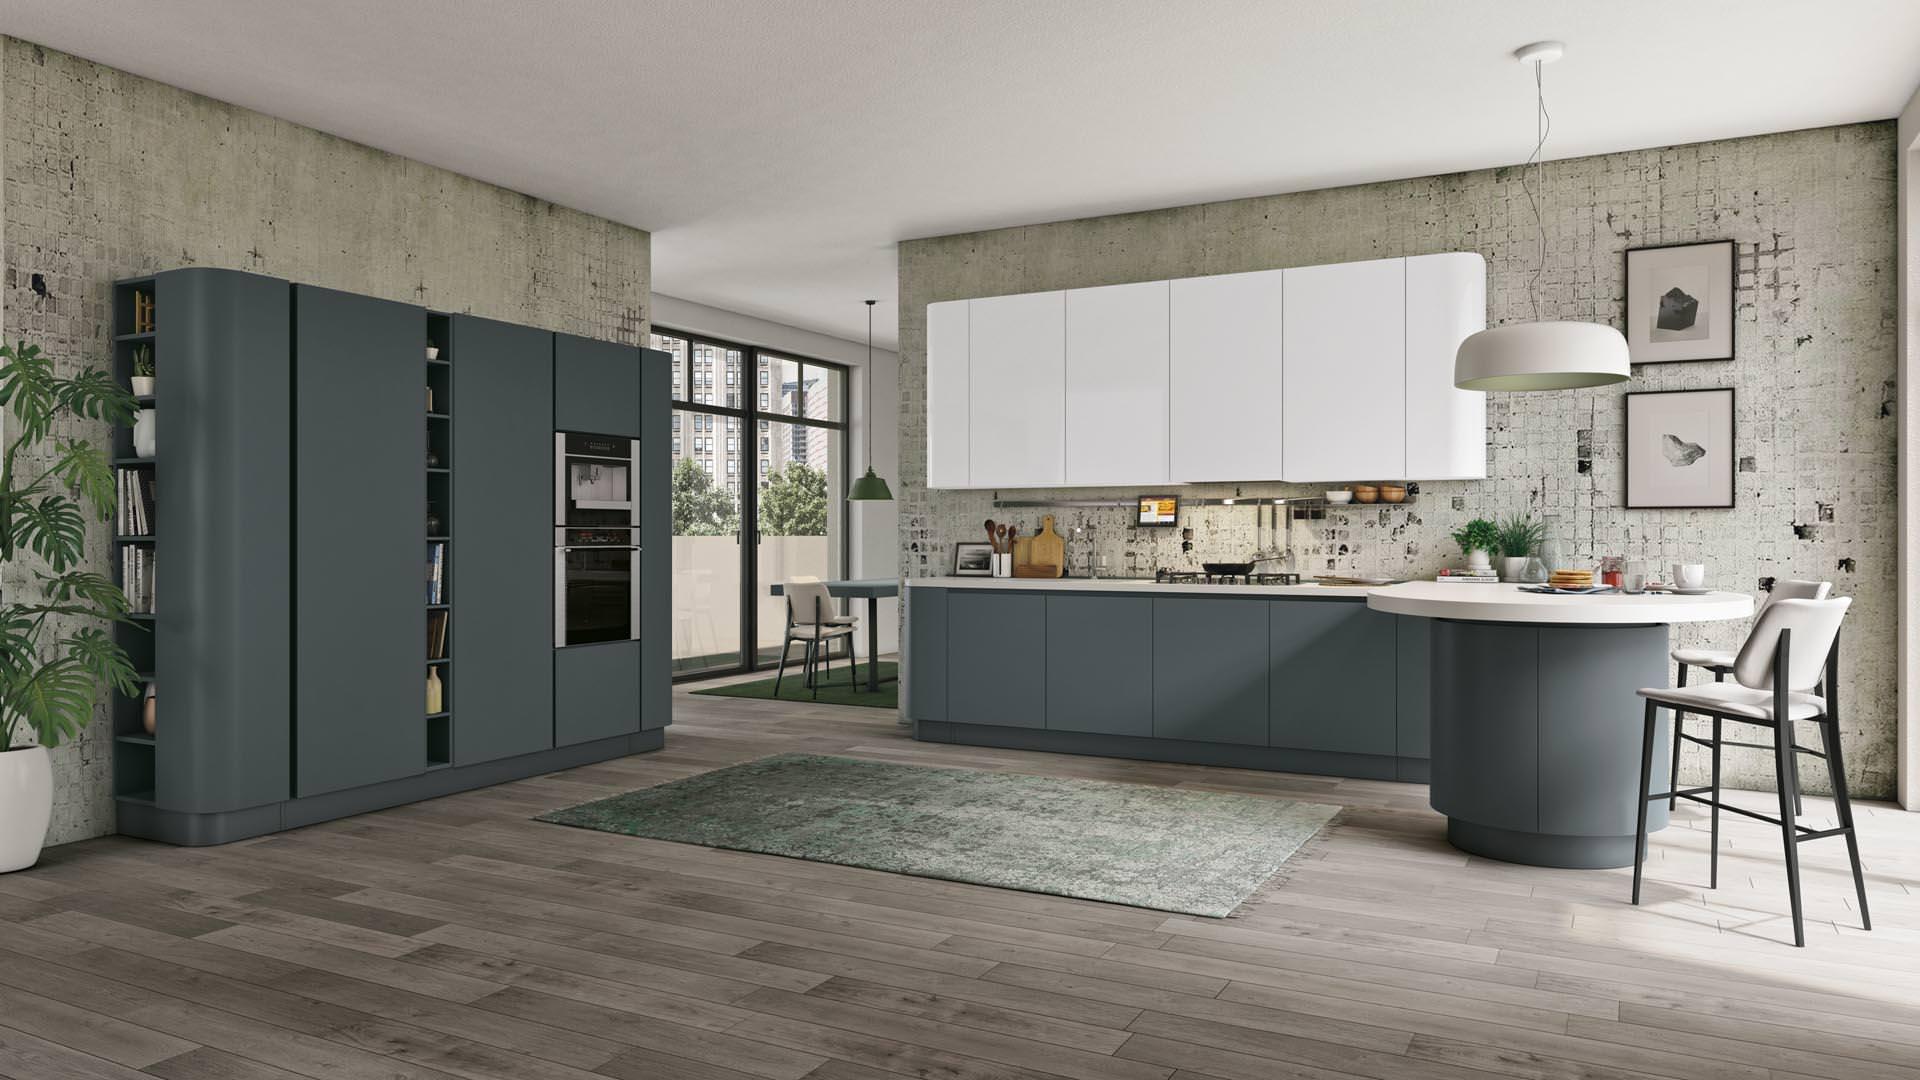 Novità Cucine moderne a Bari, ecco la collezione LUBE CLOVER NECK - Rafaschieri Arredamenti